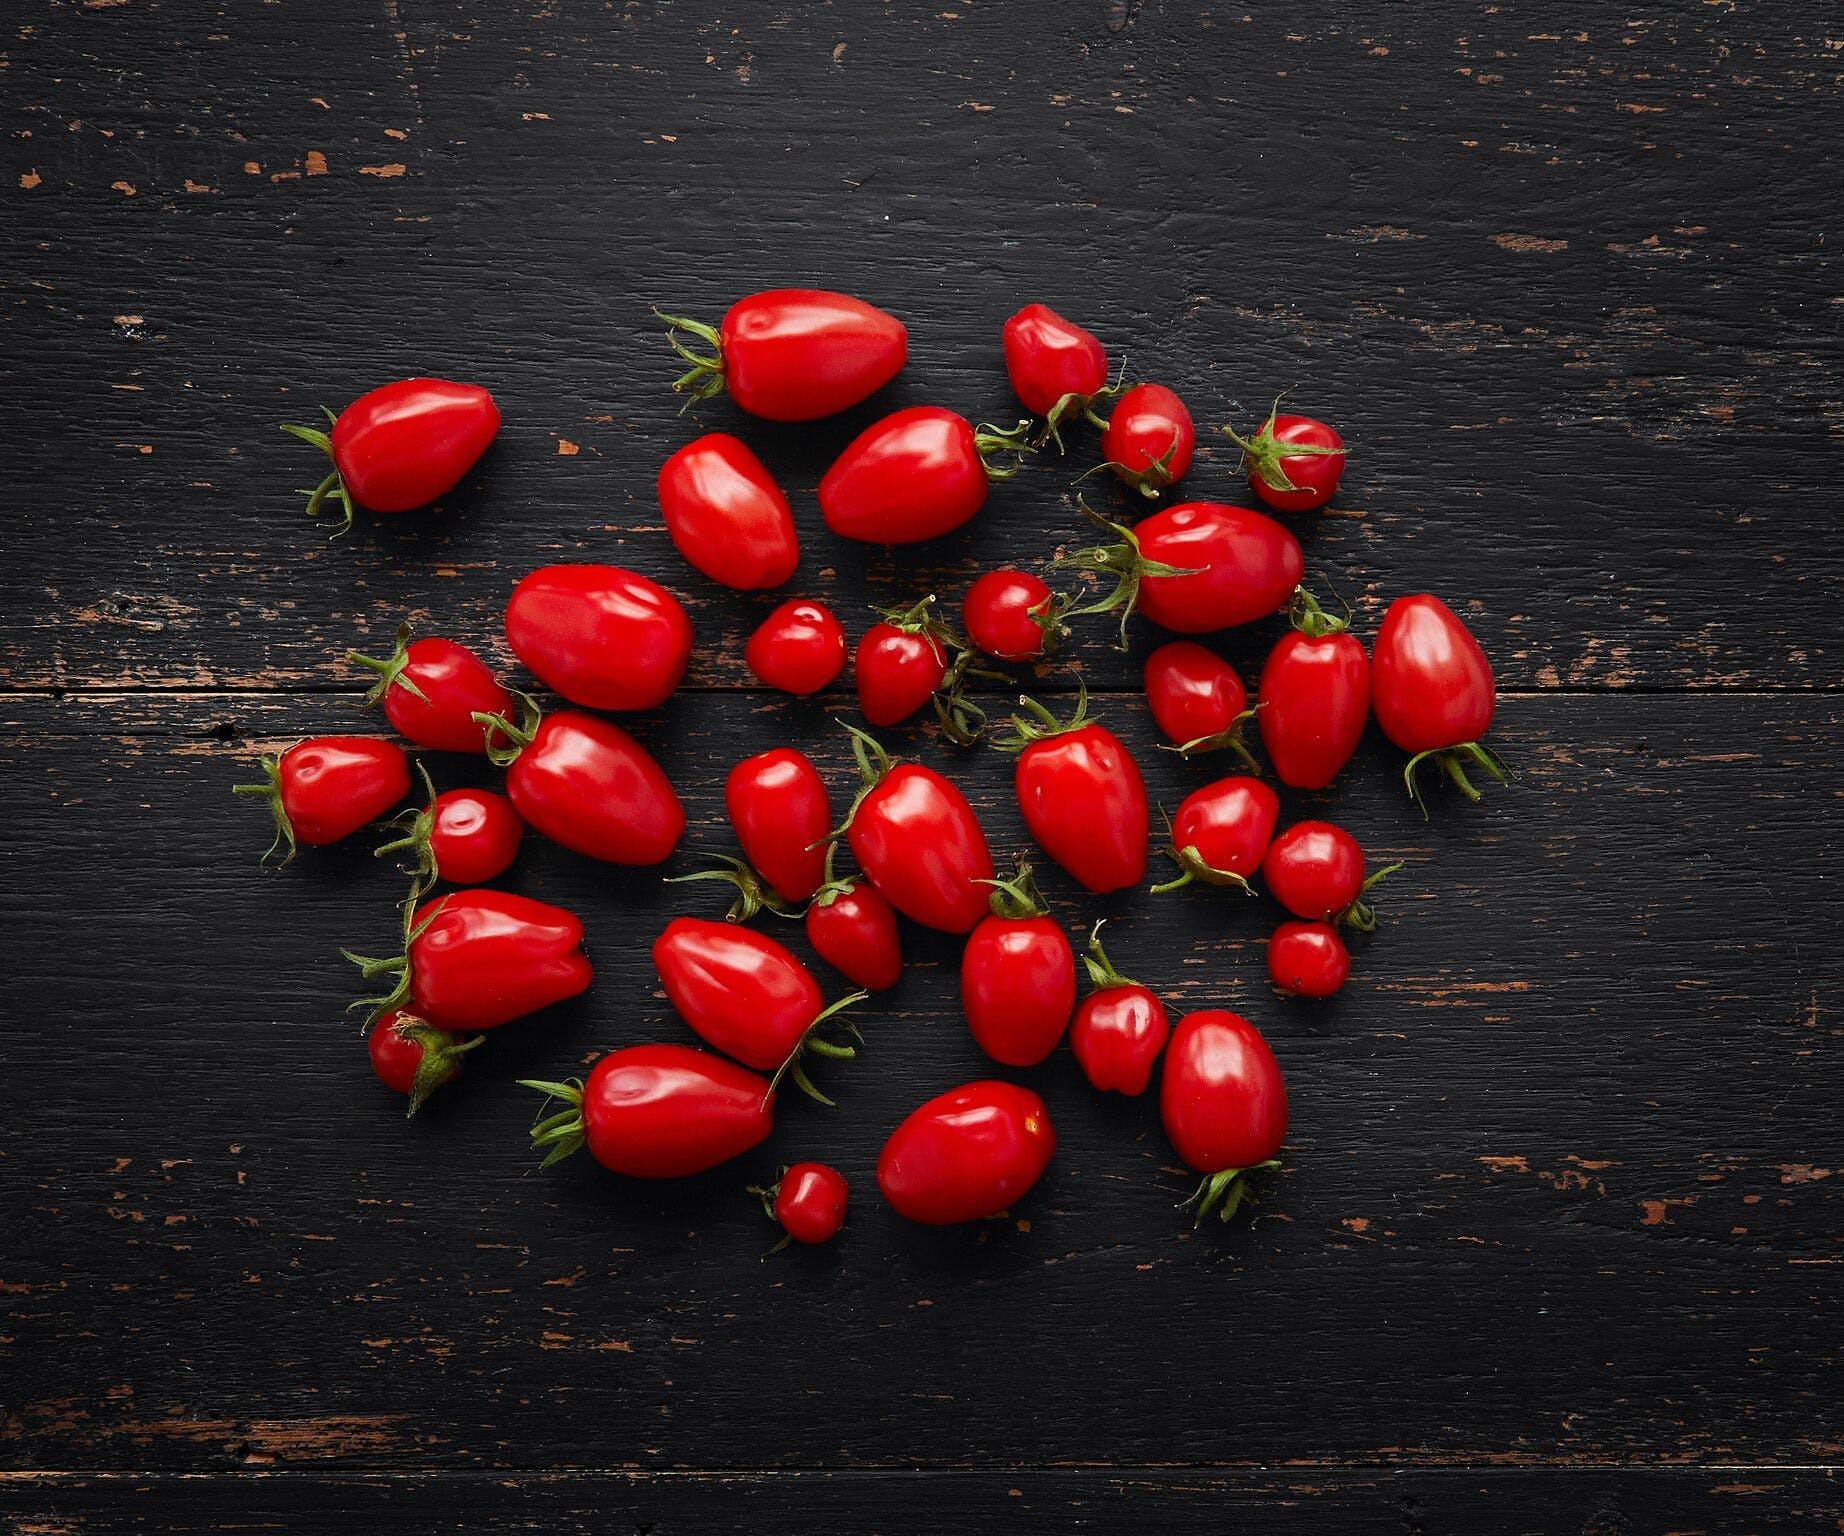 Organic Tomatoes - Plum Cherry